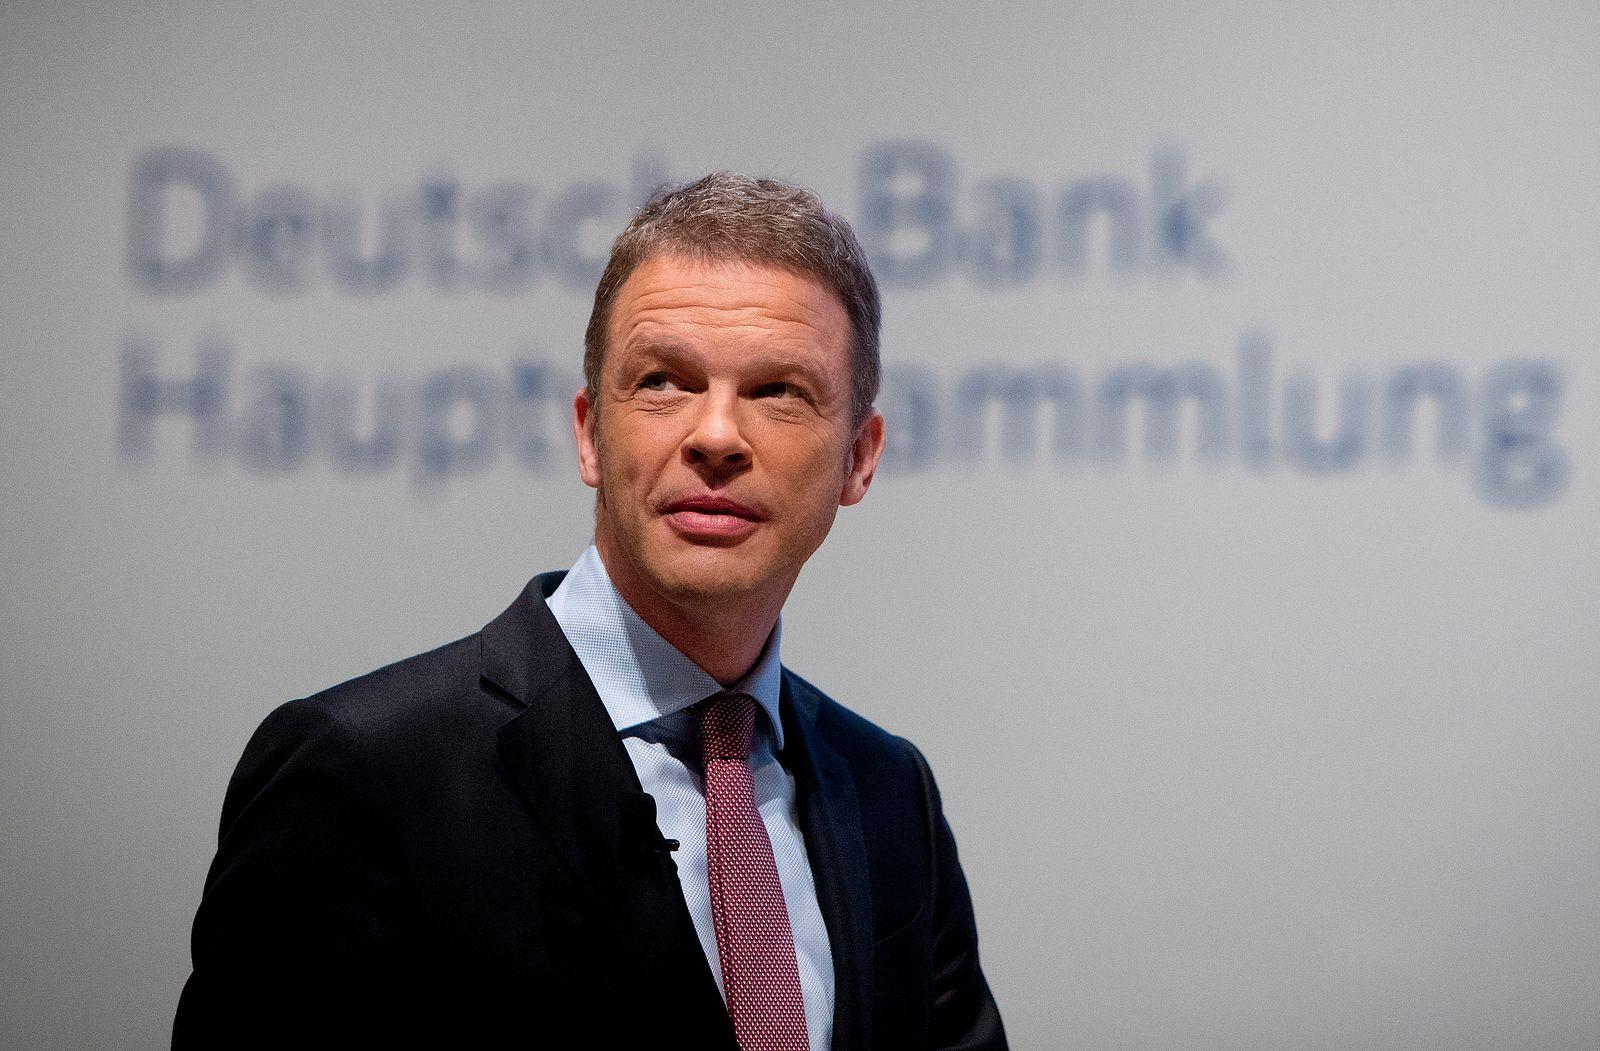 Christian Sewing / Deutsche Bank HV